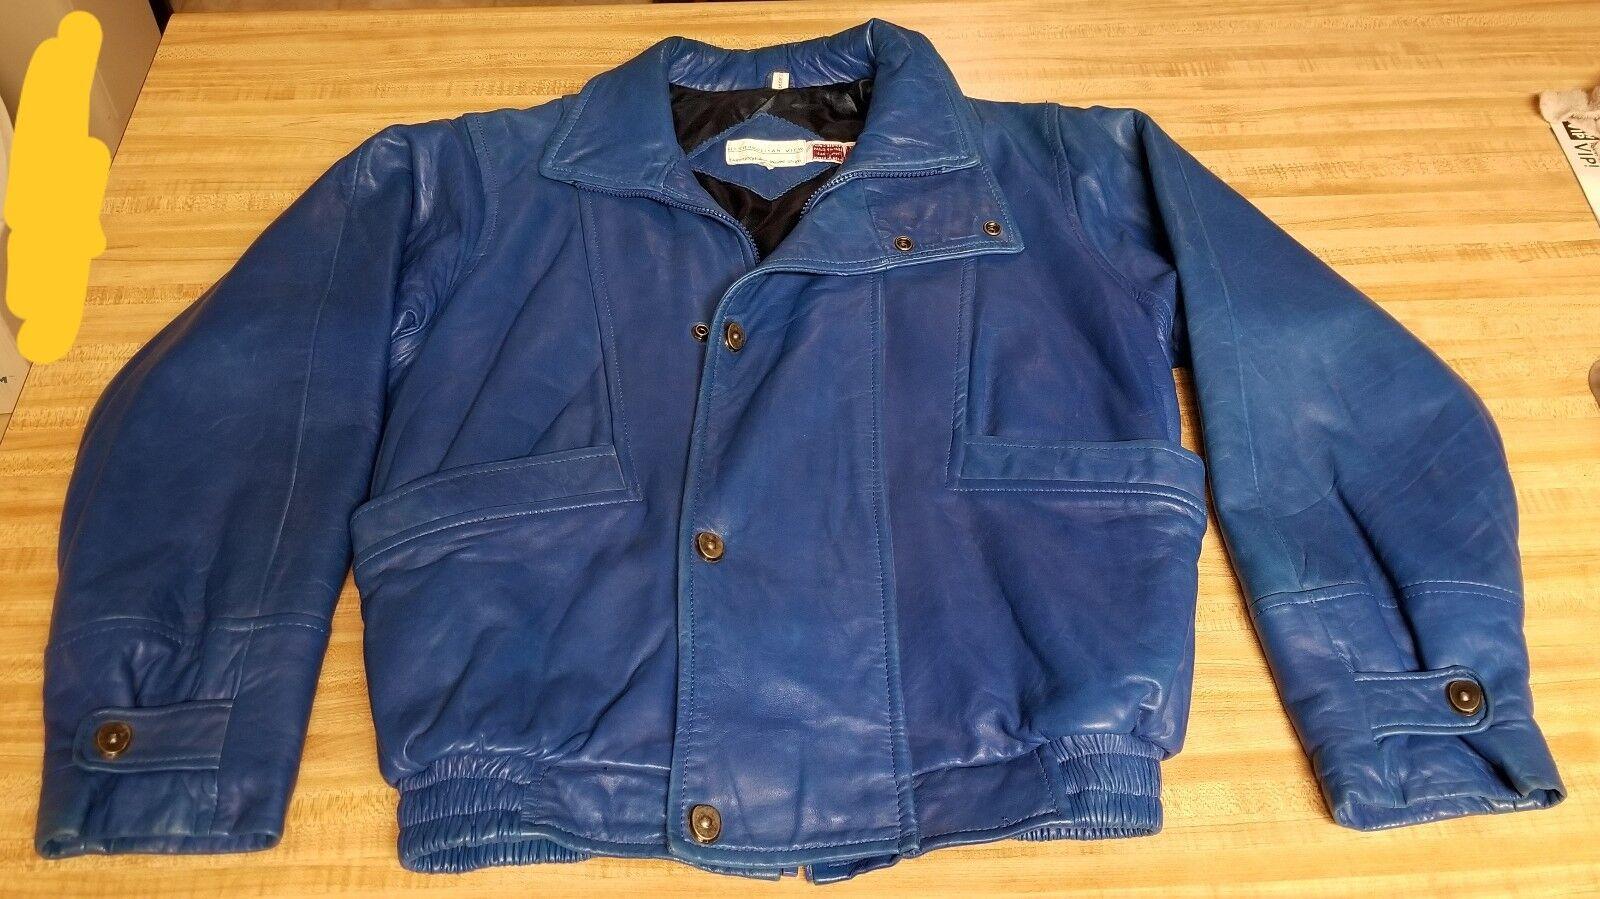 Metropolitan View para  hombre bomber de aviador moto cuero chaqueta azul talla 38  ganancia cero